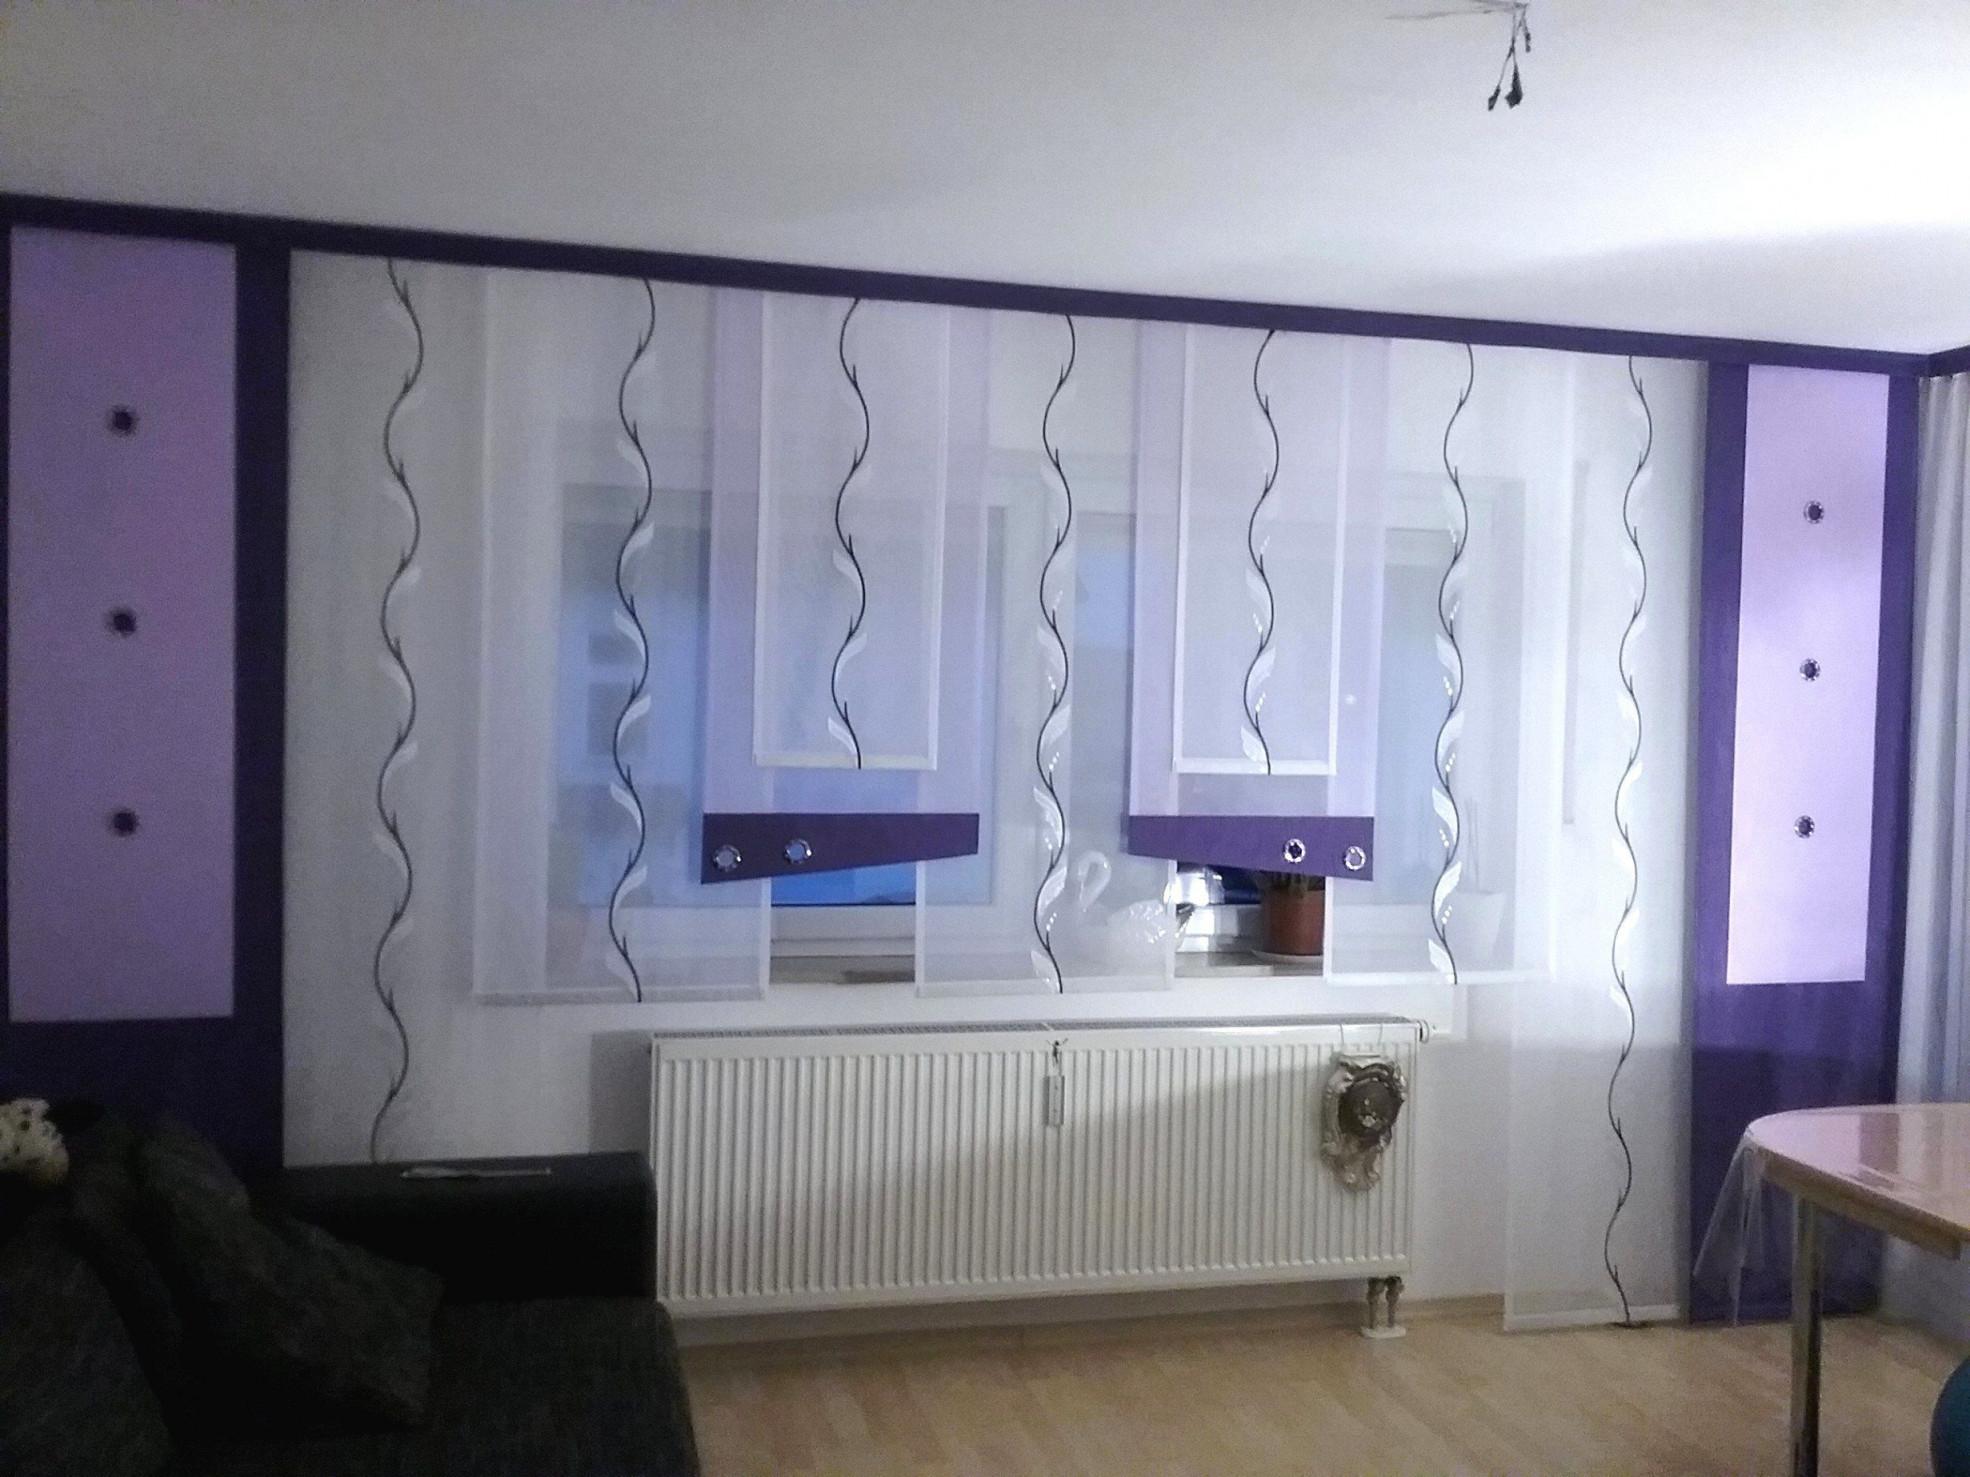 8 Liebenswert Lager Von Fenstergestaltung Wohnzimmer Ideen von Fenstergestaltung Wohnzimmer Ideen Bild